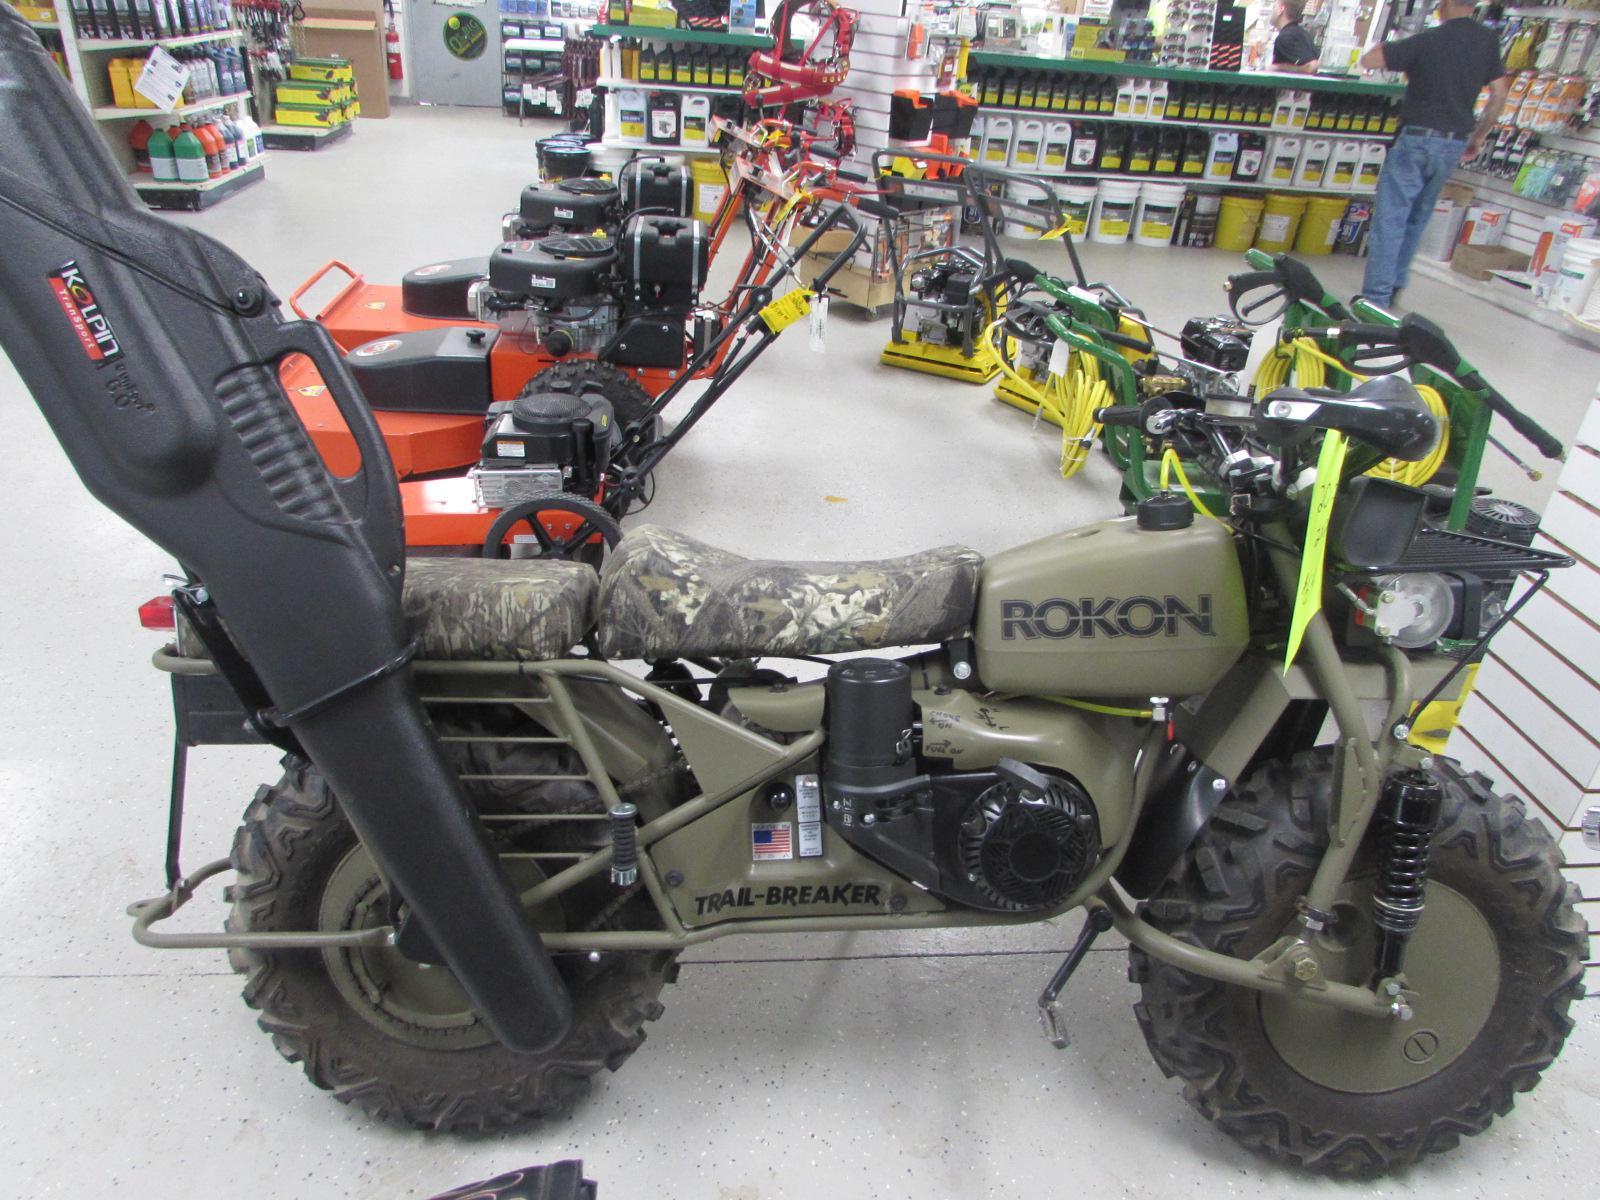 $6,499, 2015 ROKON TRAIL-BREAKER